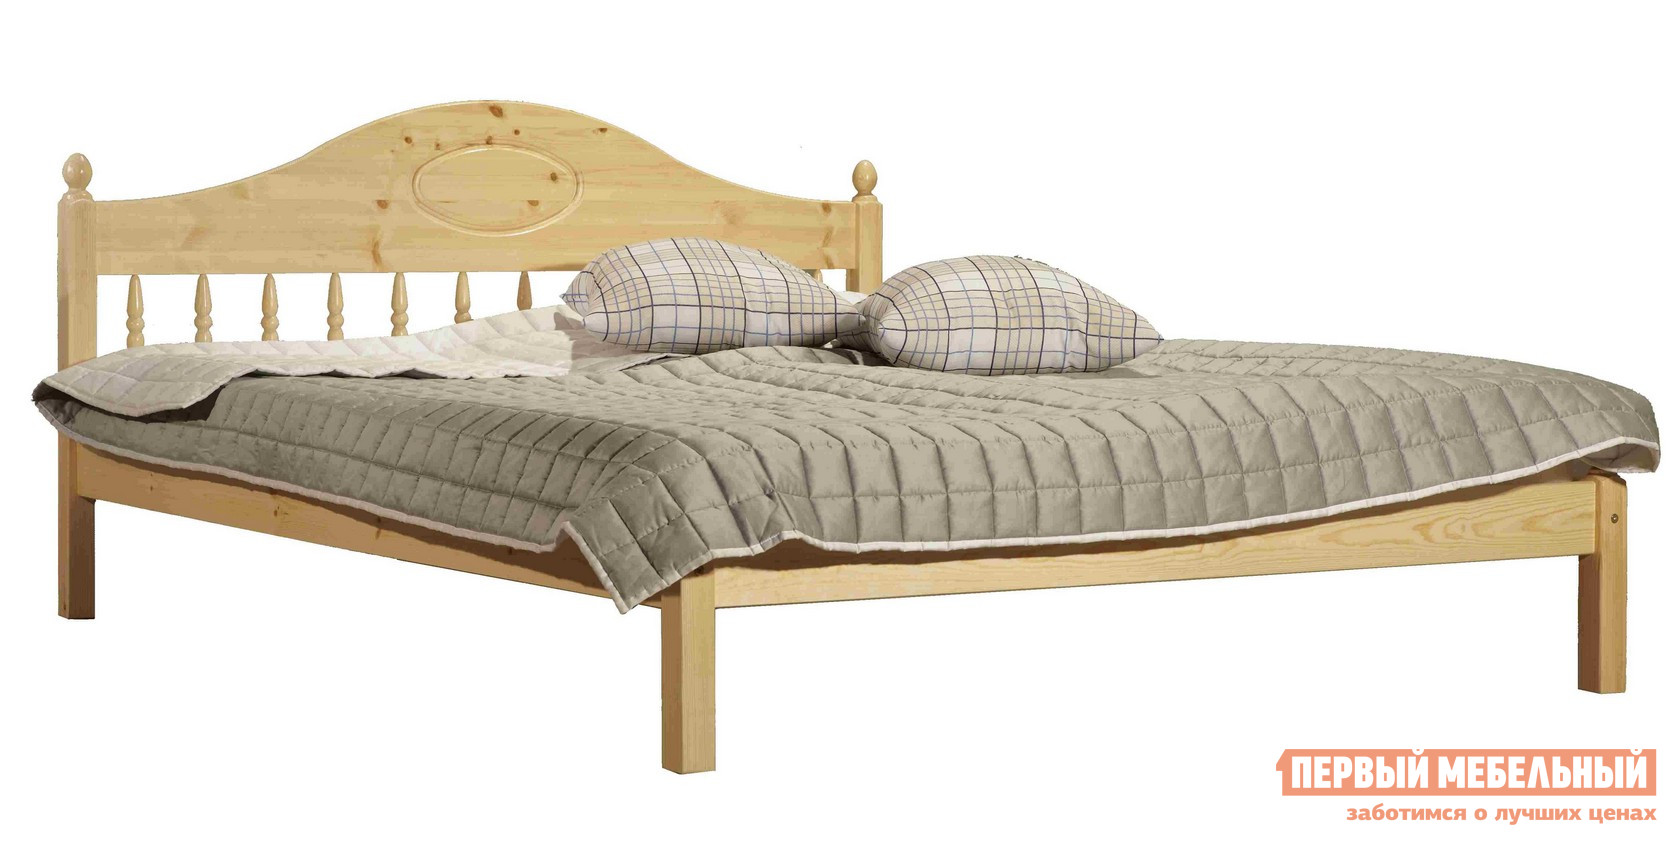 Кровать односпальная Timberica Фрея-1 интерьерная кровать фрея